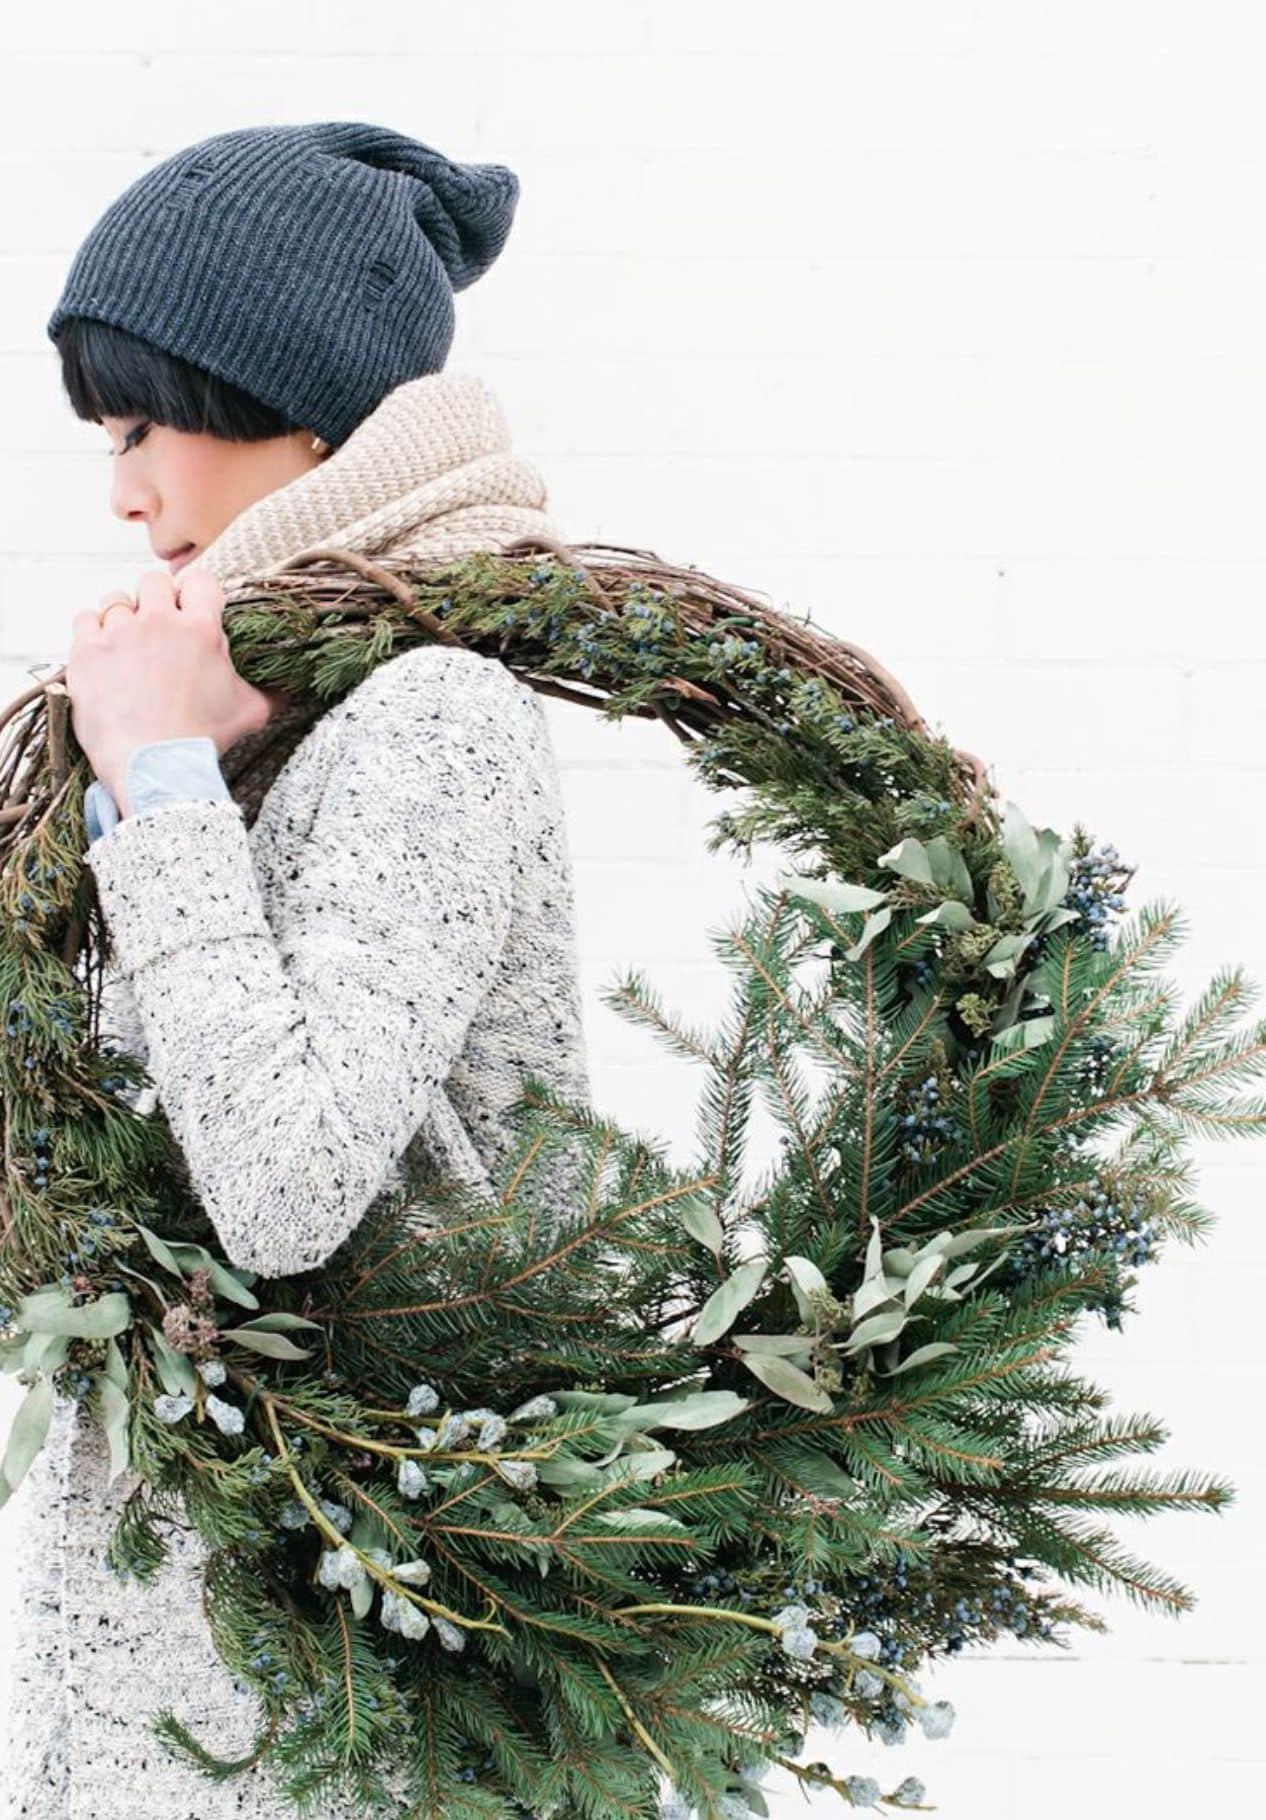 Добавить нотку свежести и природного тепла поможет новогодний венок из еловых лапок, связанных между собой в пучки